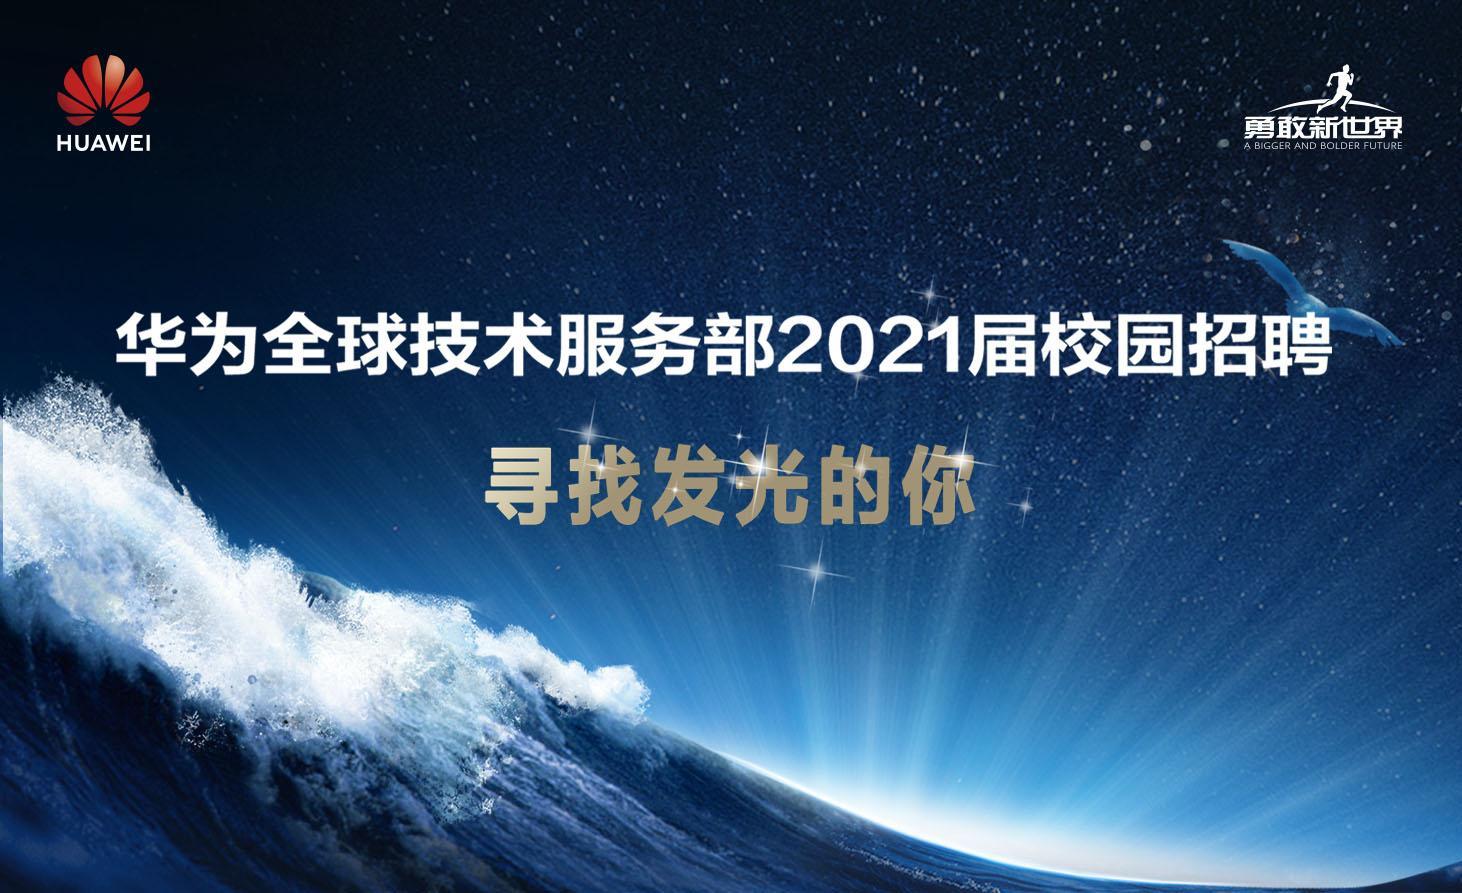 华为全球技术服务部空中宣讲会